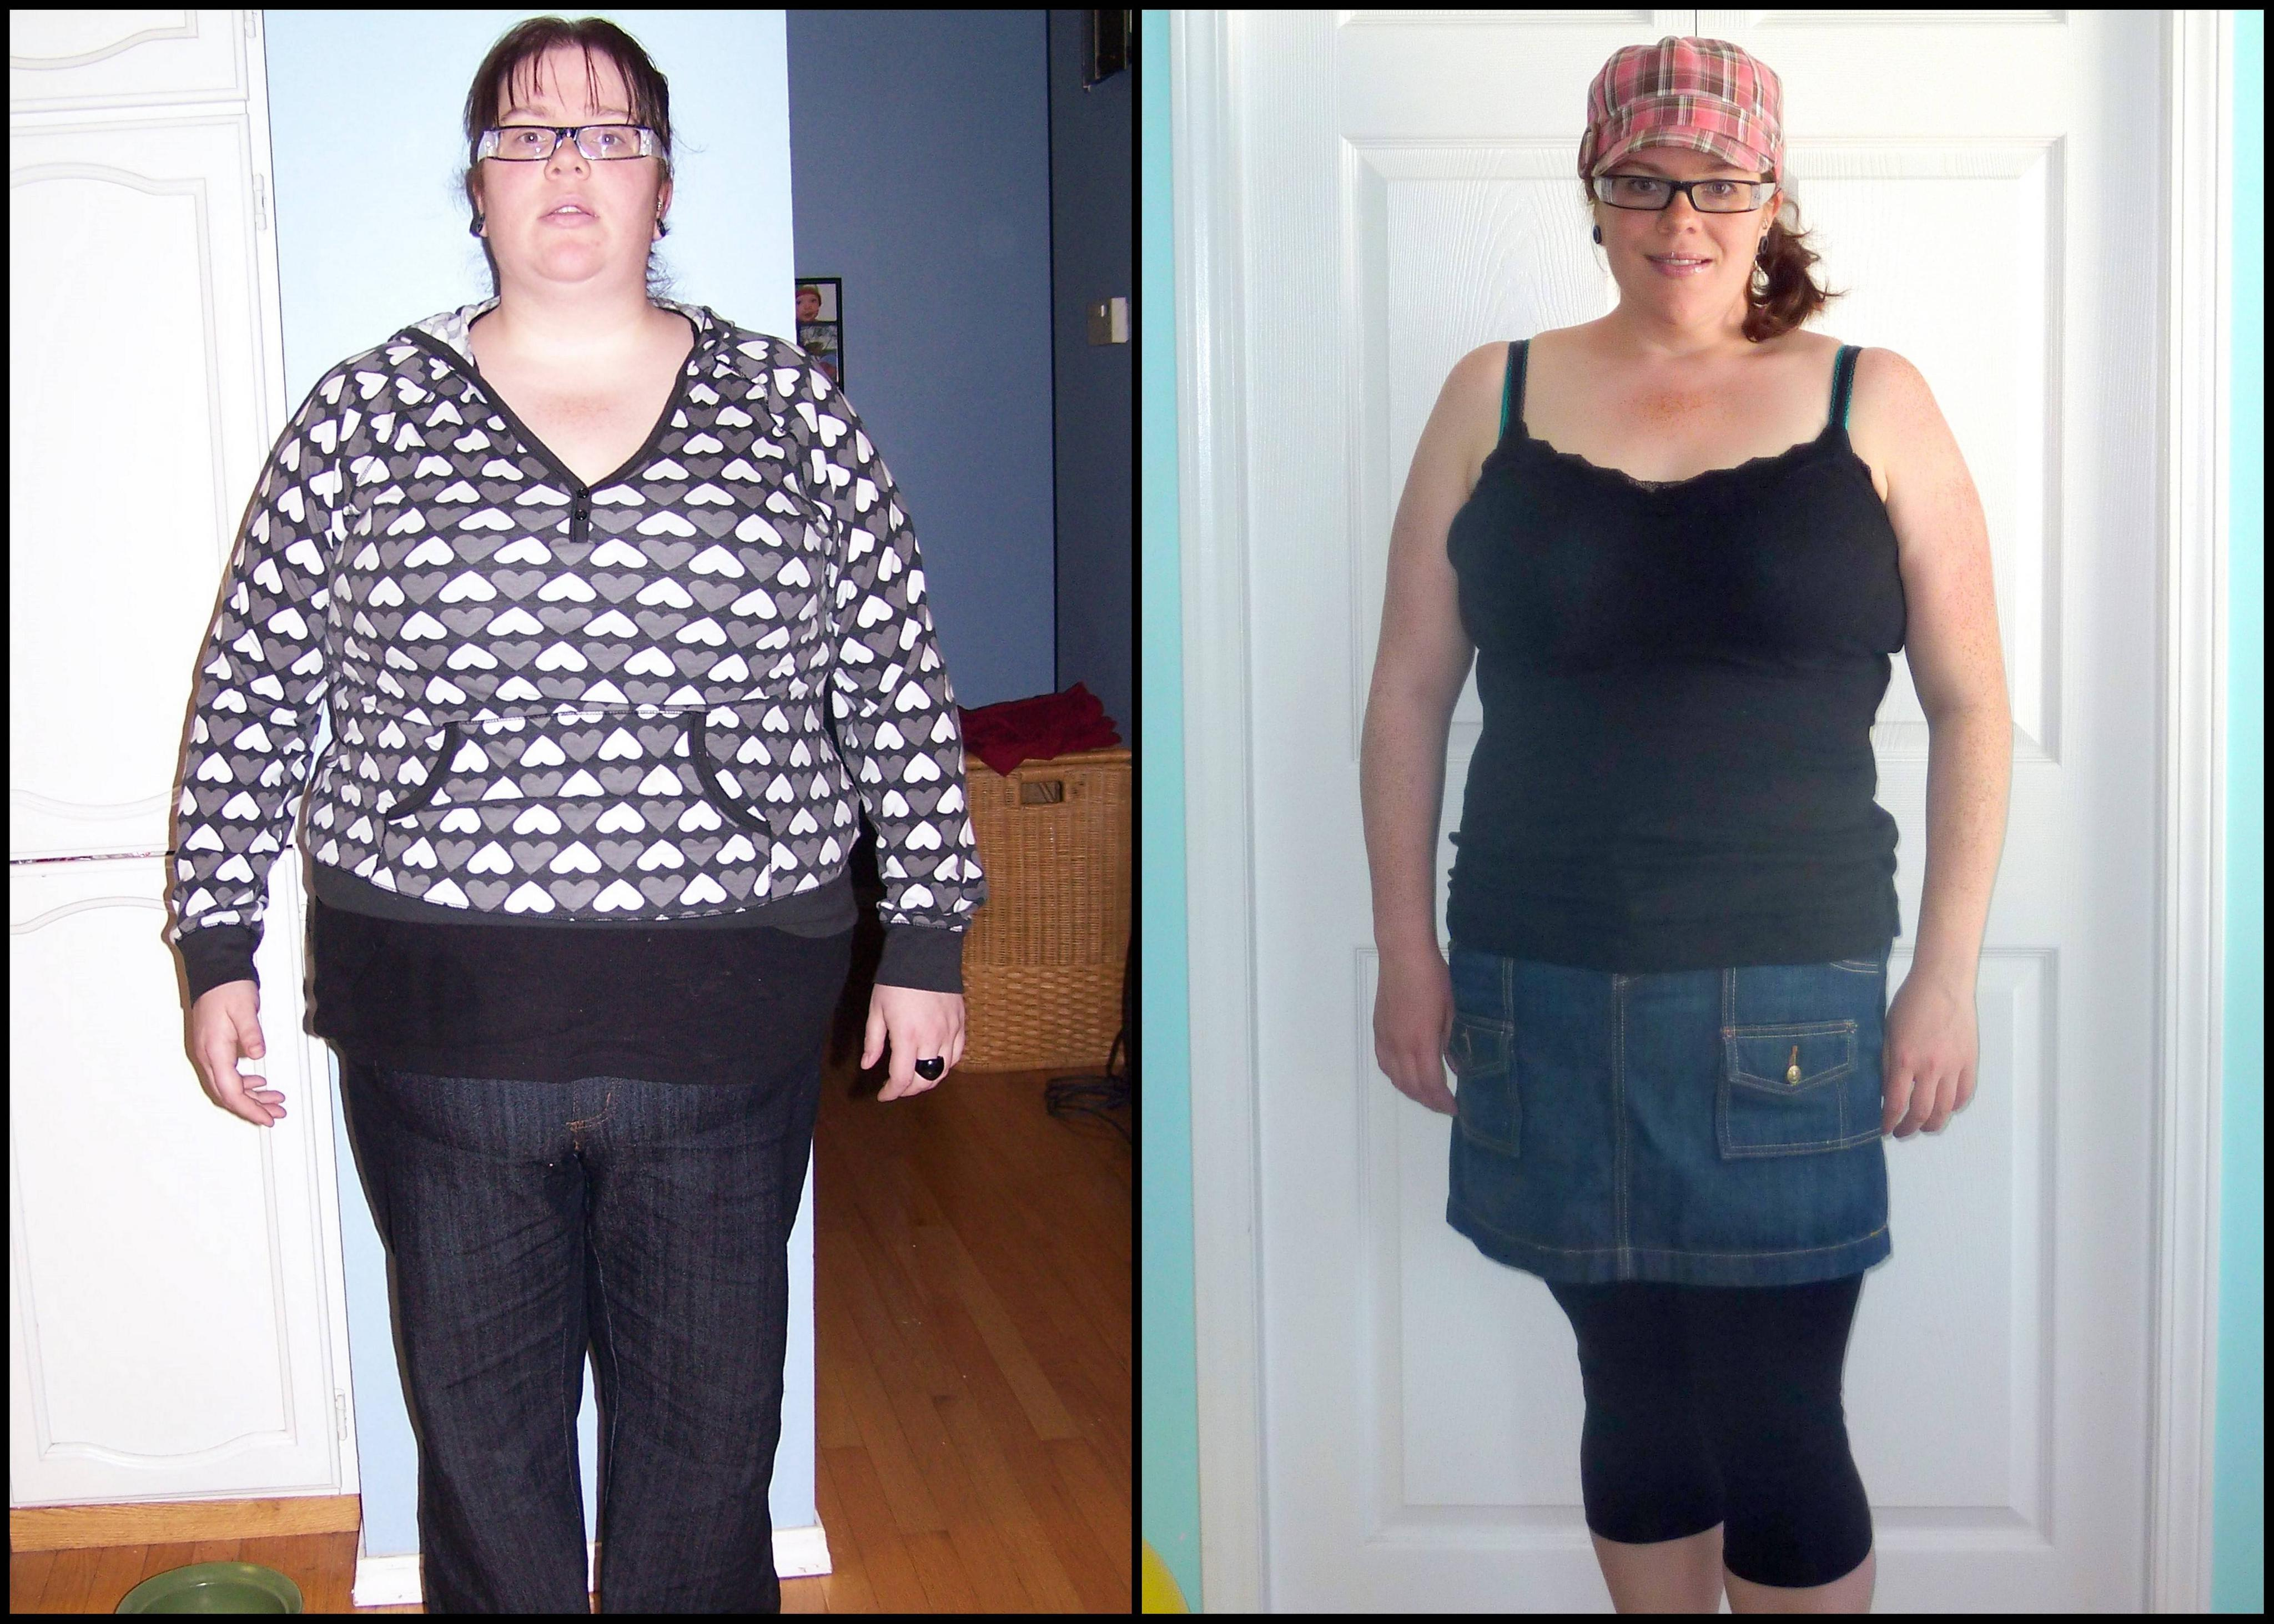 Результаты Диеты Борменталя Фото. Самая безопасная и эффективная диета по доктору Борменталю, меню на каждый день с подсчетом калорий